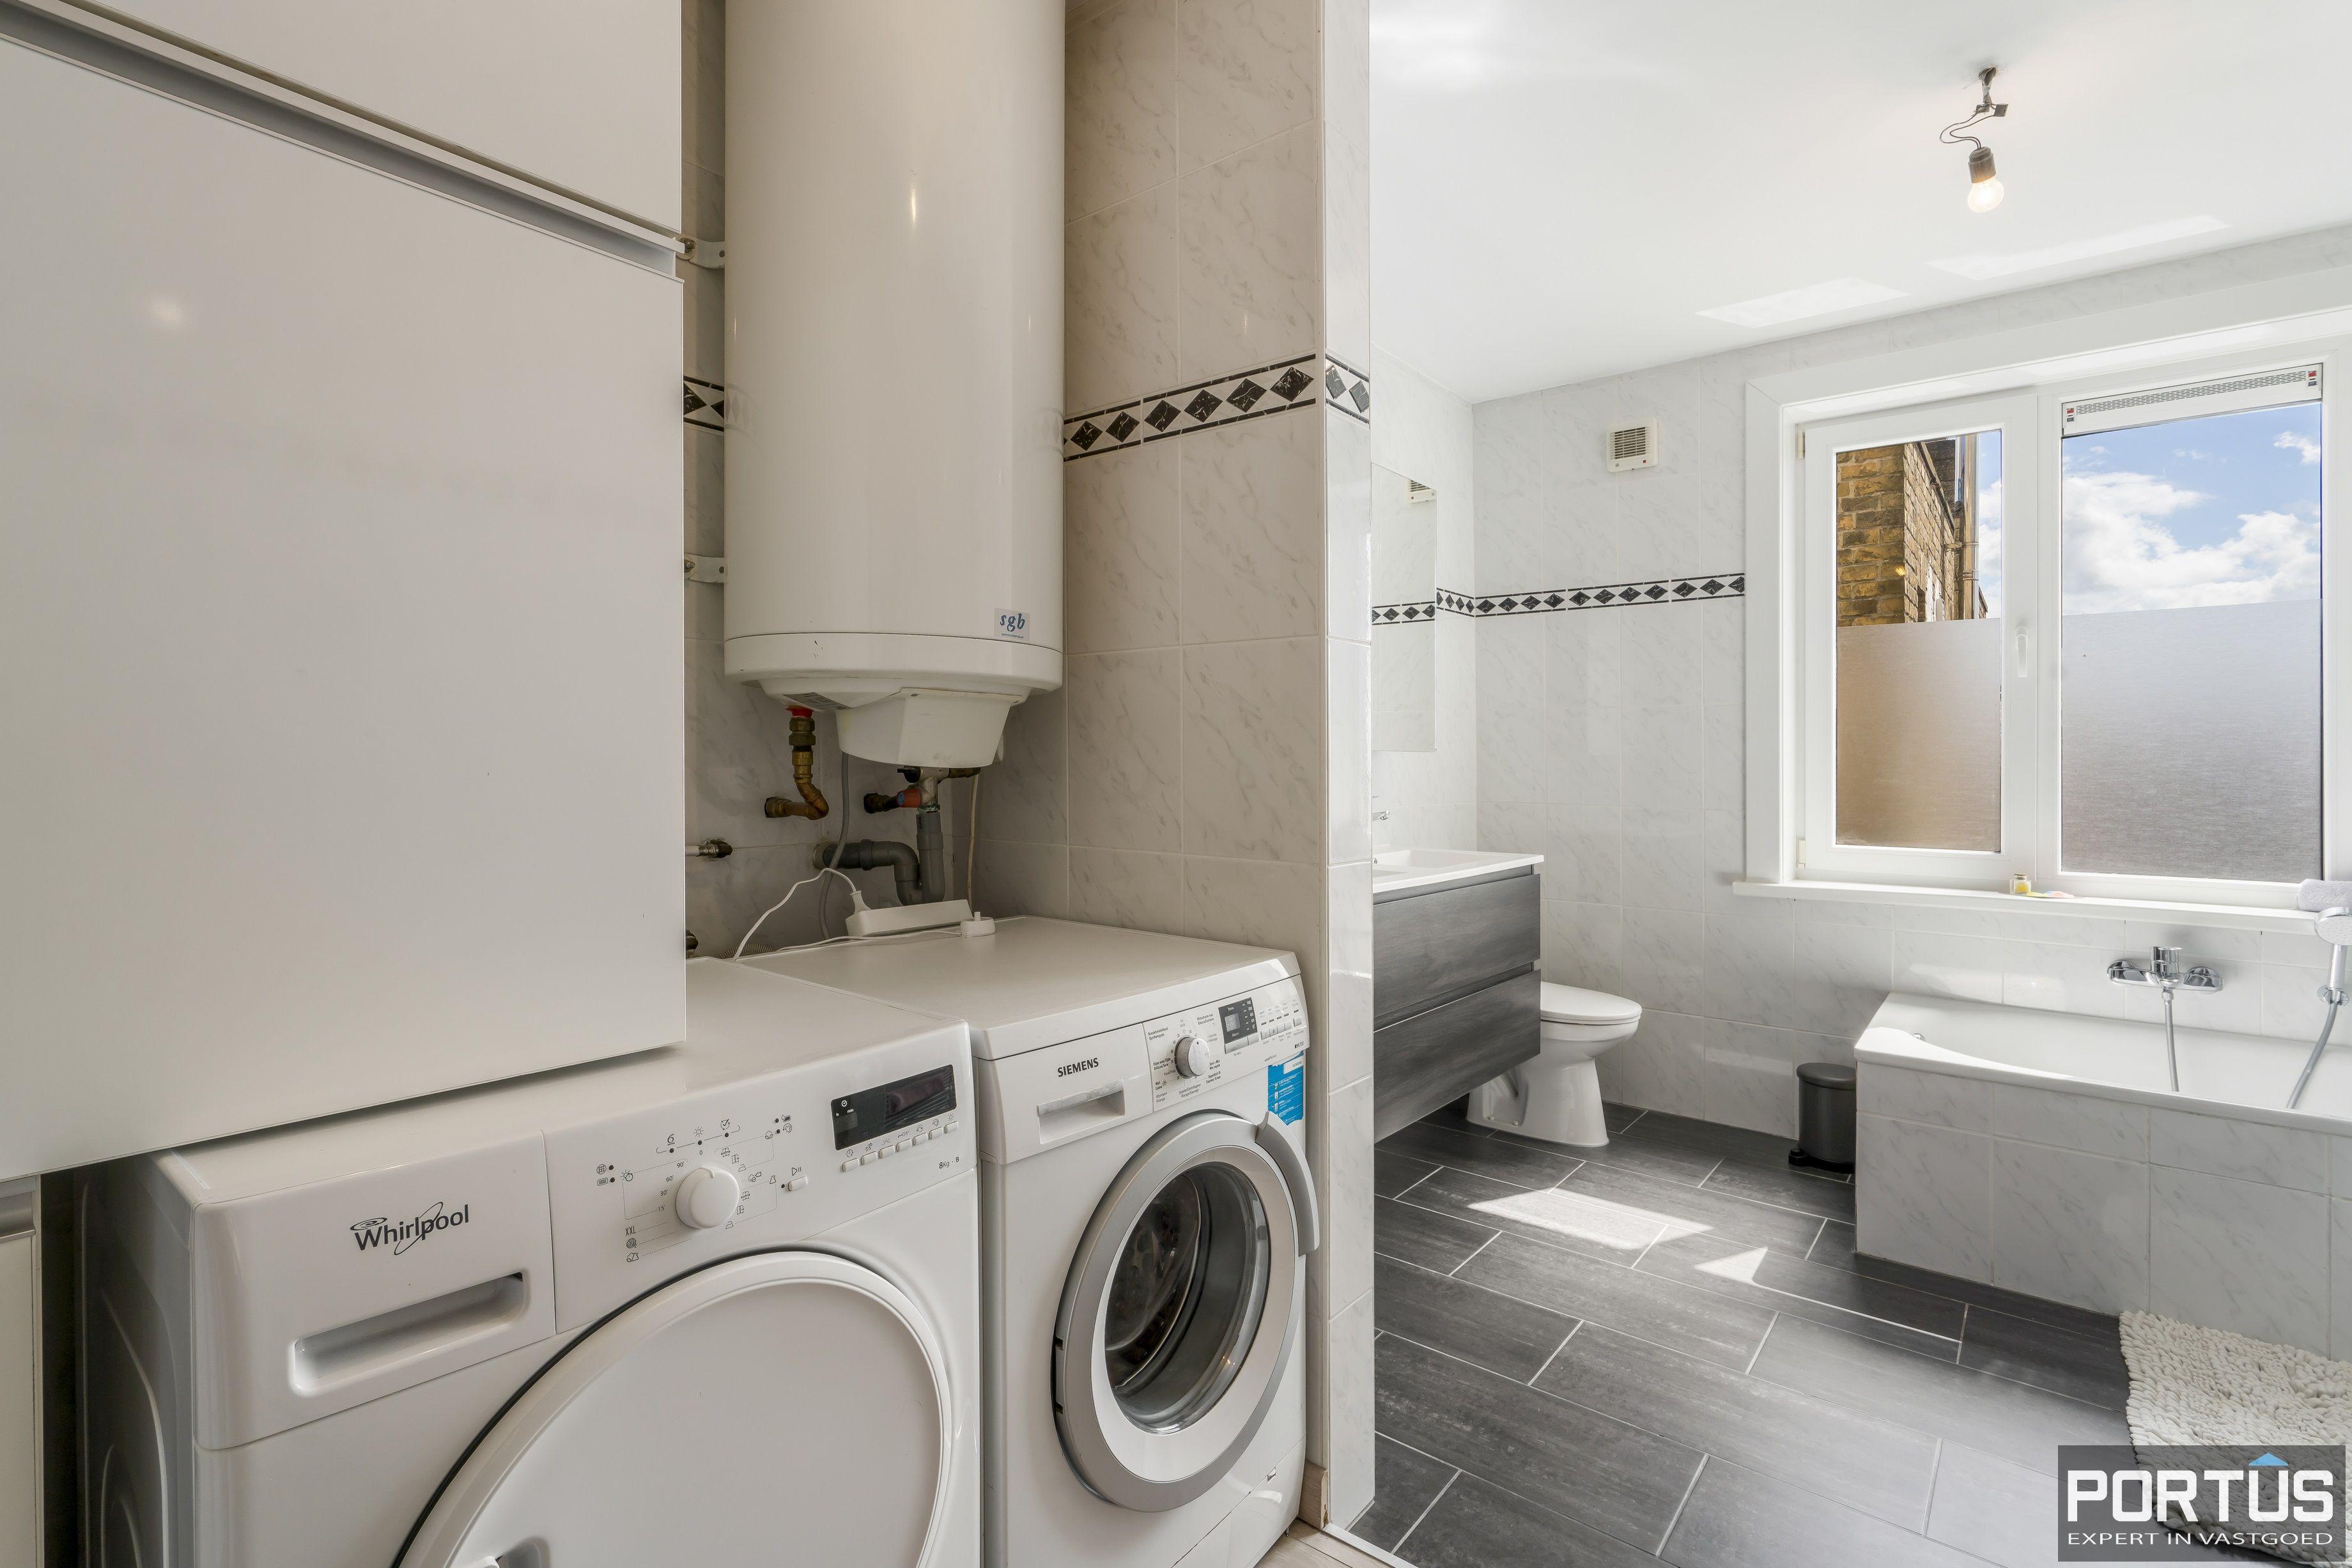 Appartement met 3 slaapkamers te koop te Westende - 13518